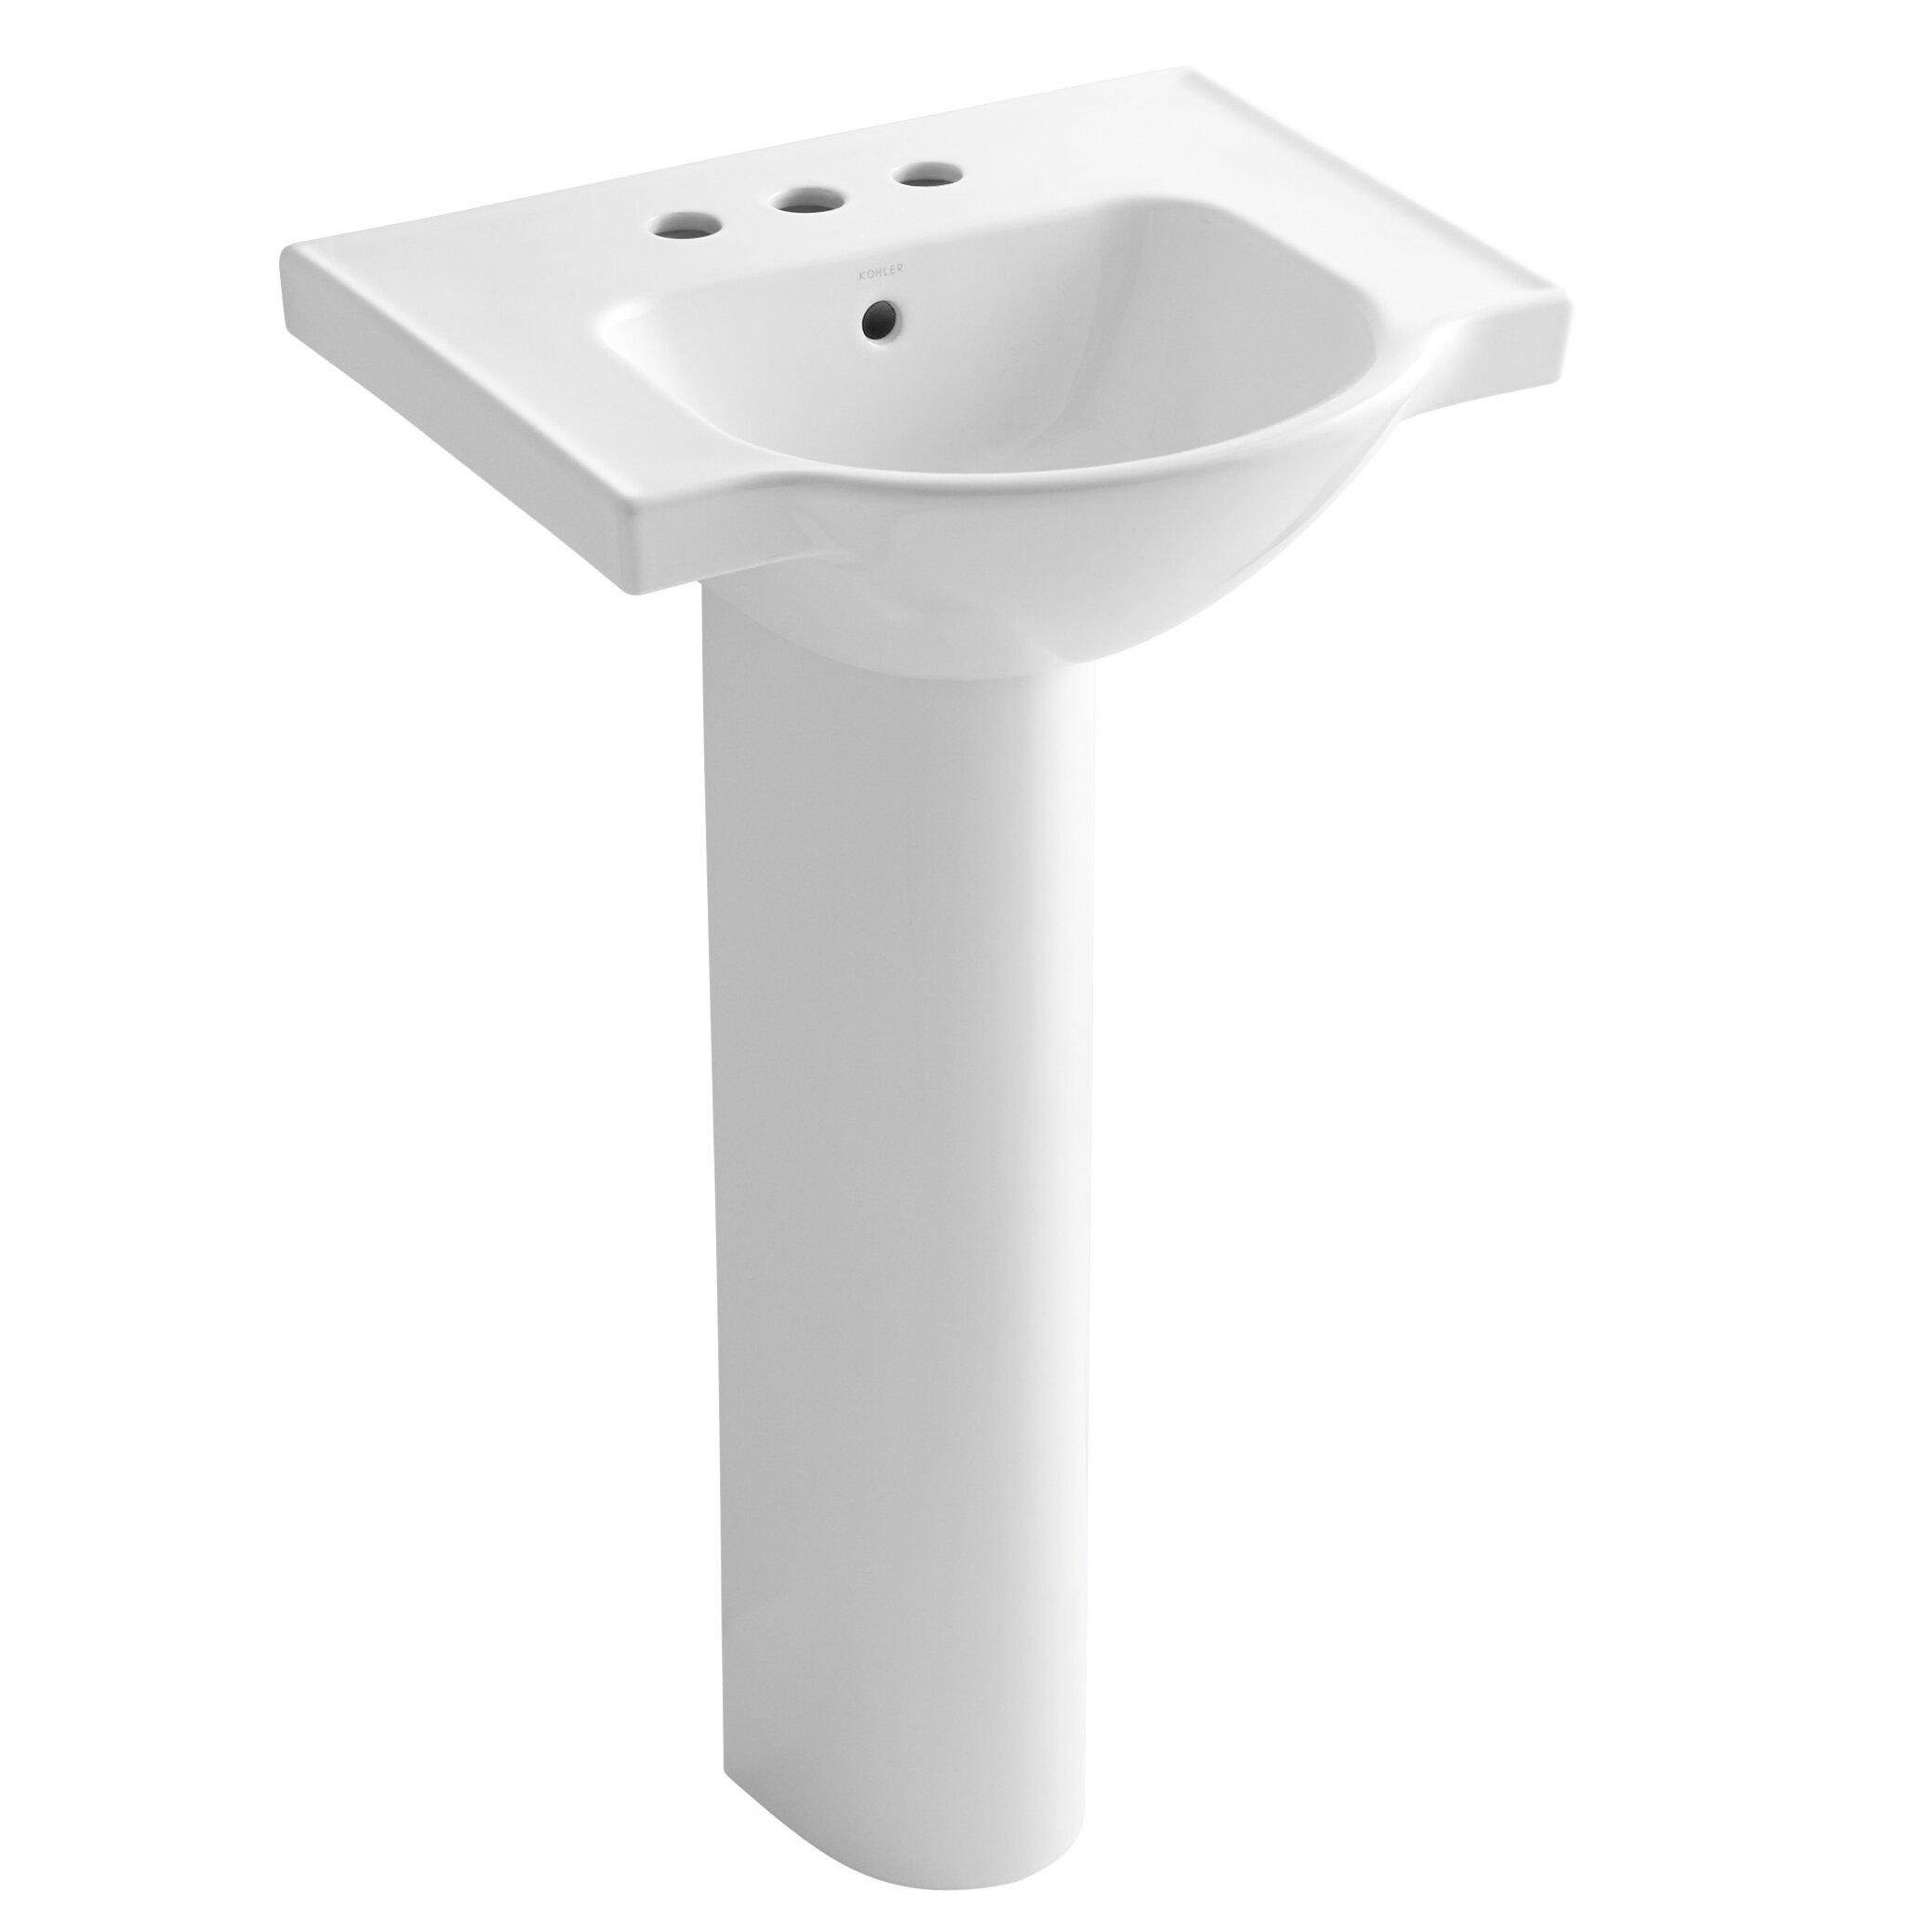 Kohler Small Pedestal Sink : Kohler Small Bathroom Sinks Picturesque Kohler Bathroom Sinks Pedestal ...